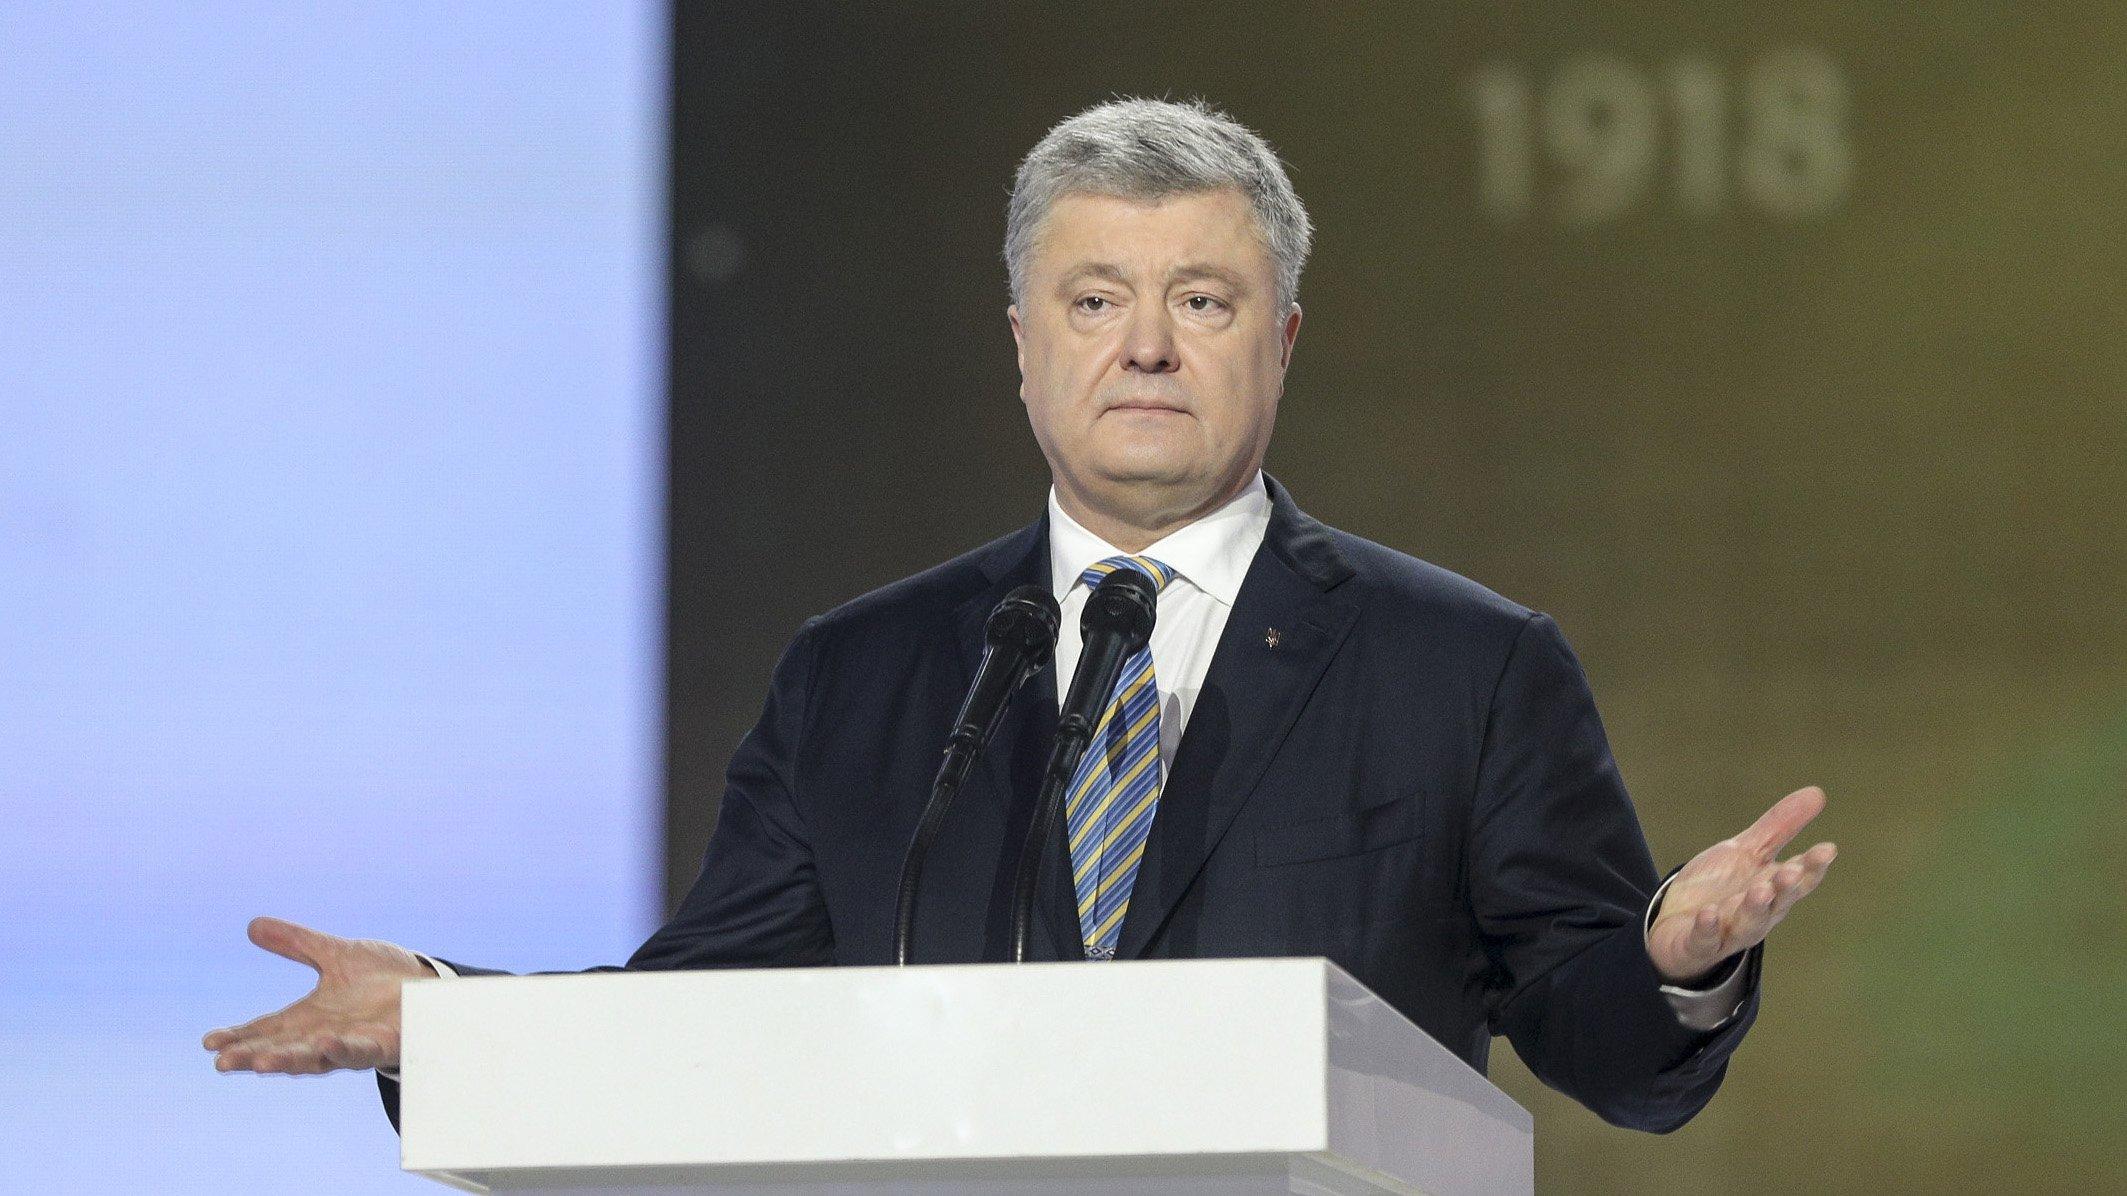 Соратников Порошенко вызвали на допрос в Генпрокуратуру Украины